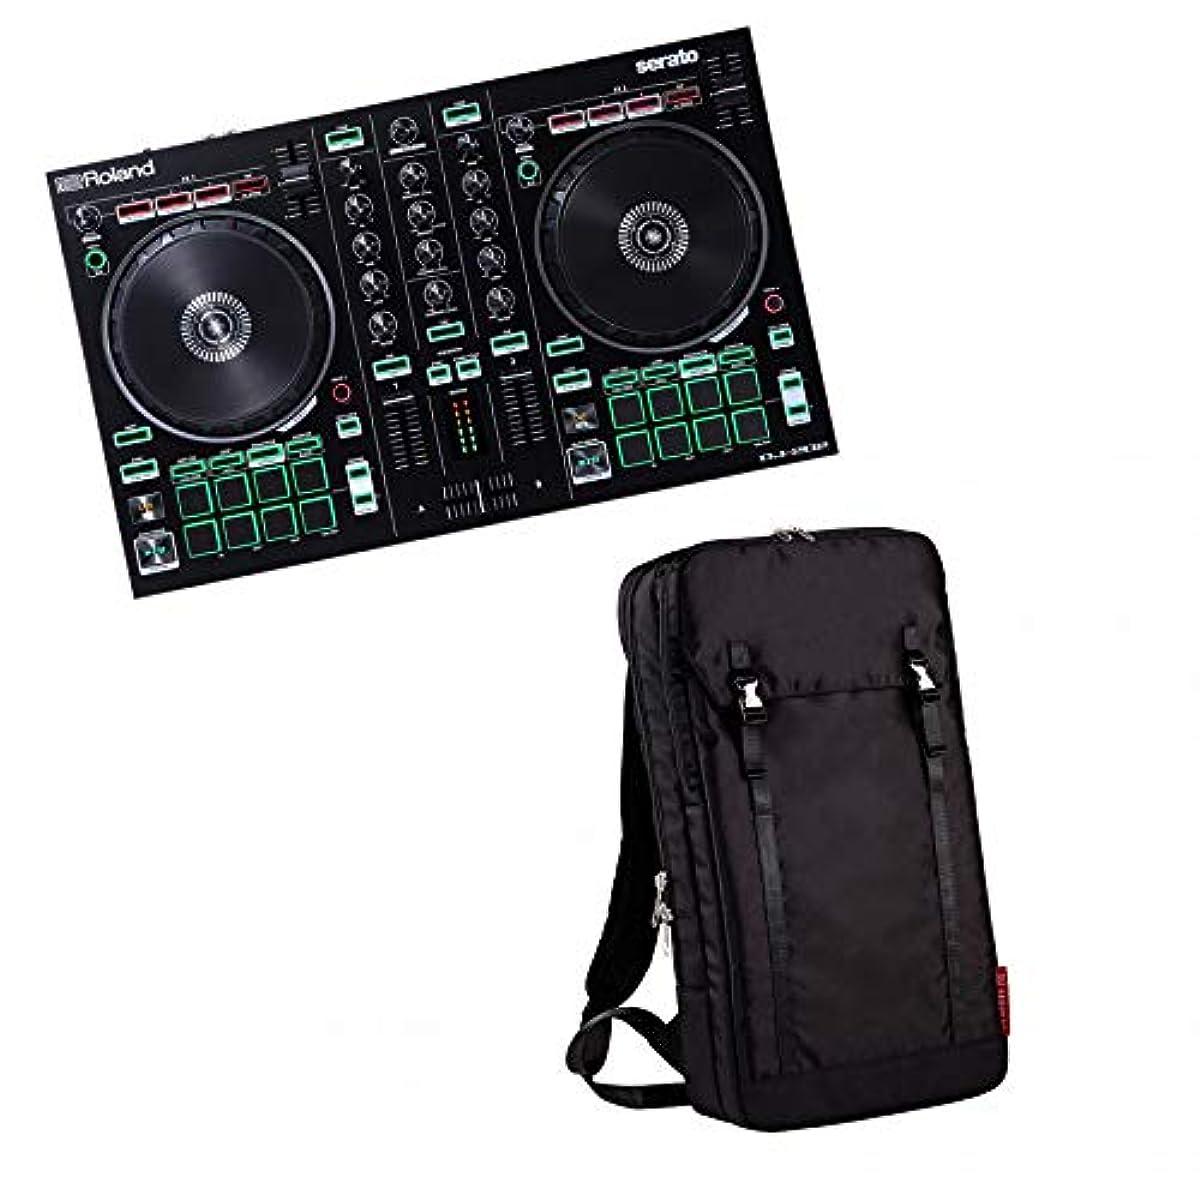 [해외] ROLAND 로랜드/AIRA DJ-202【화이트 팩 블랙 세트!】SERATO DJ용 DJ콘트롤러